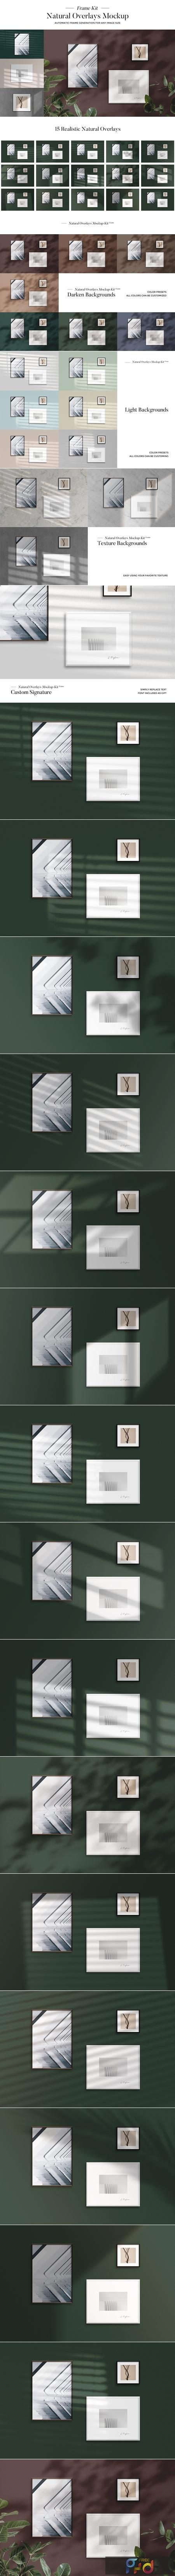 Frame Natural Overlays Mockup Kit 3884858 1